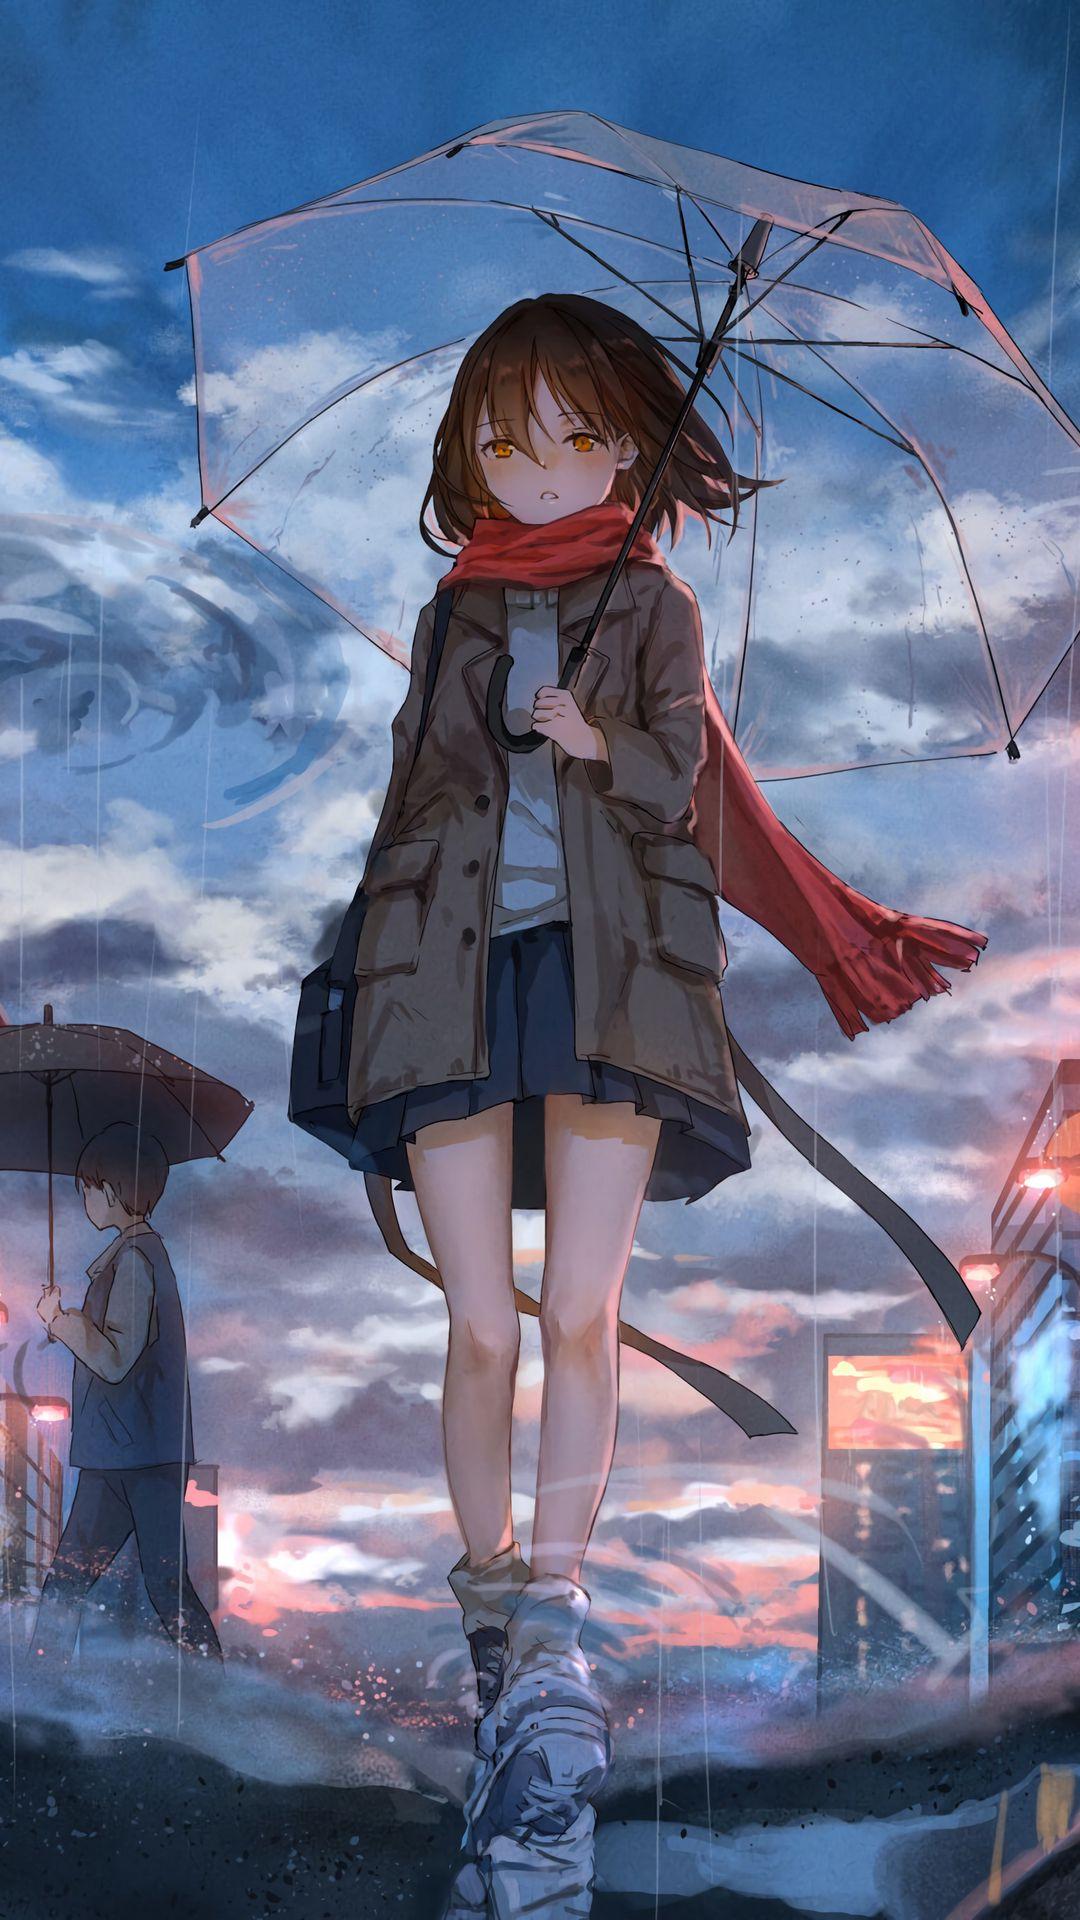 1080x1920 Обои девушка, зонт, аниме, дождь, грусть